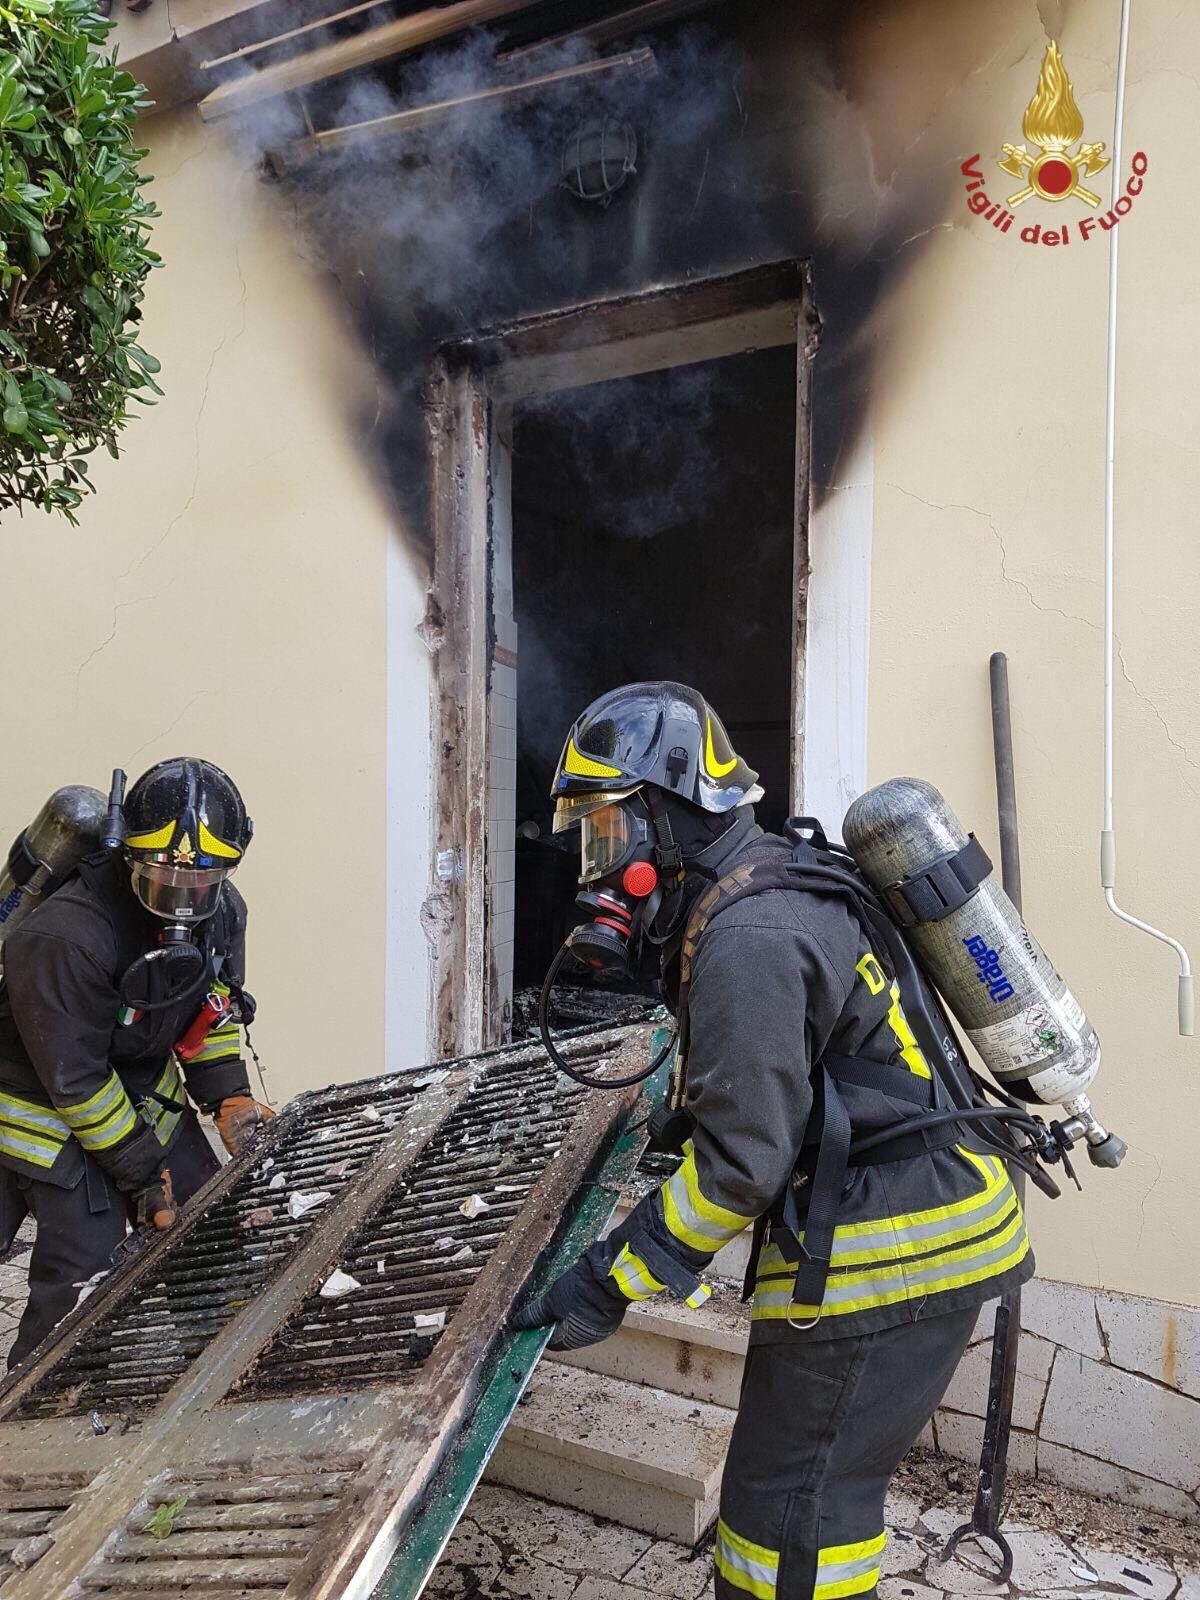 Incendio in una abitazione a Santa Marinella